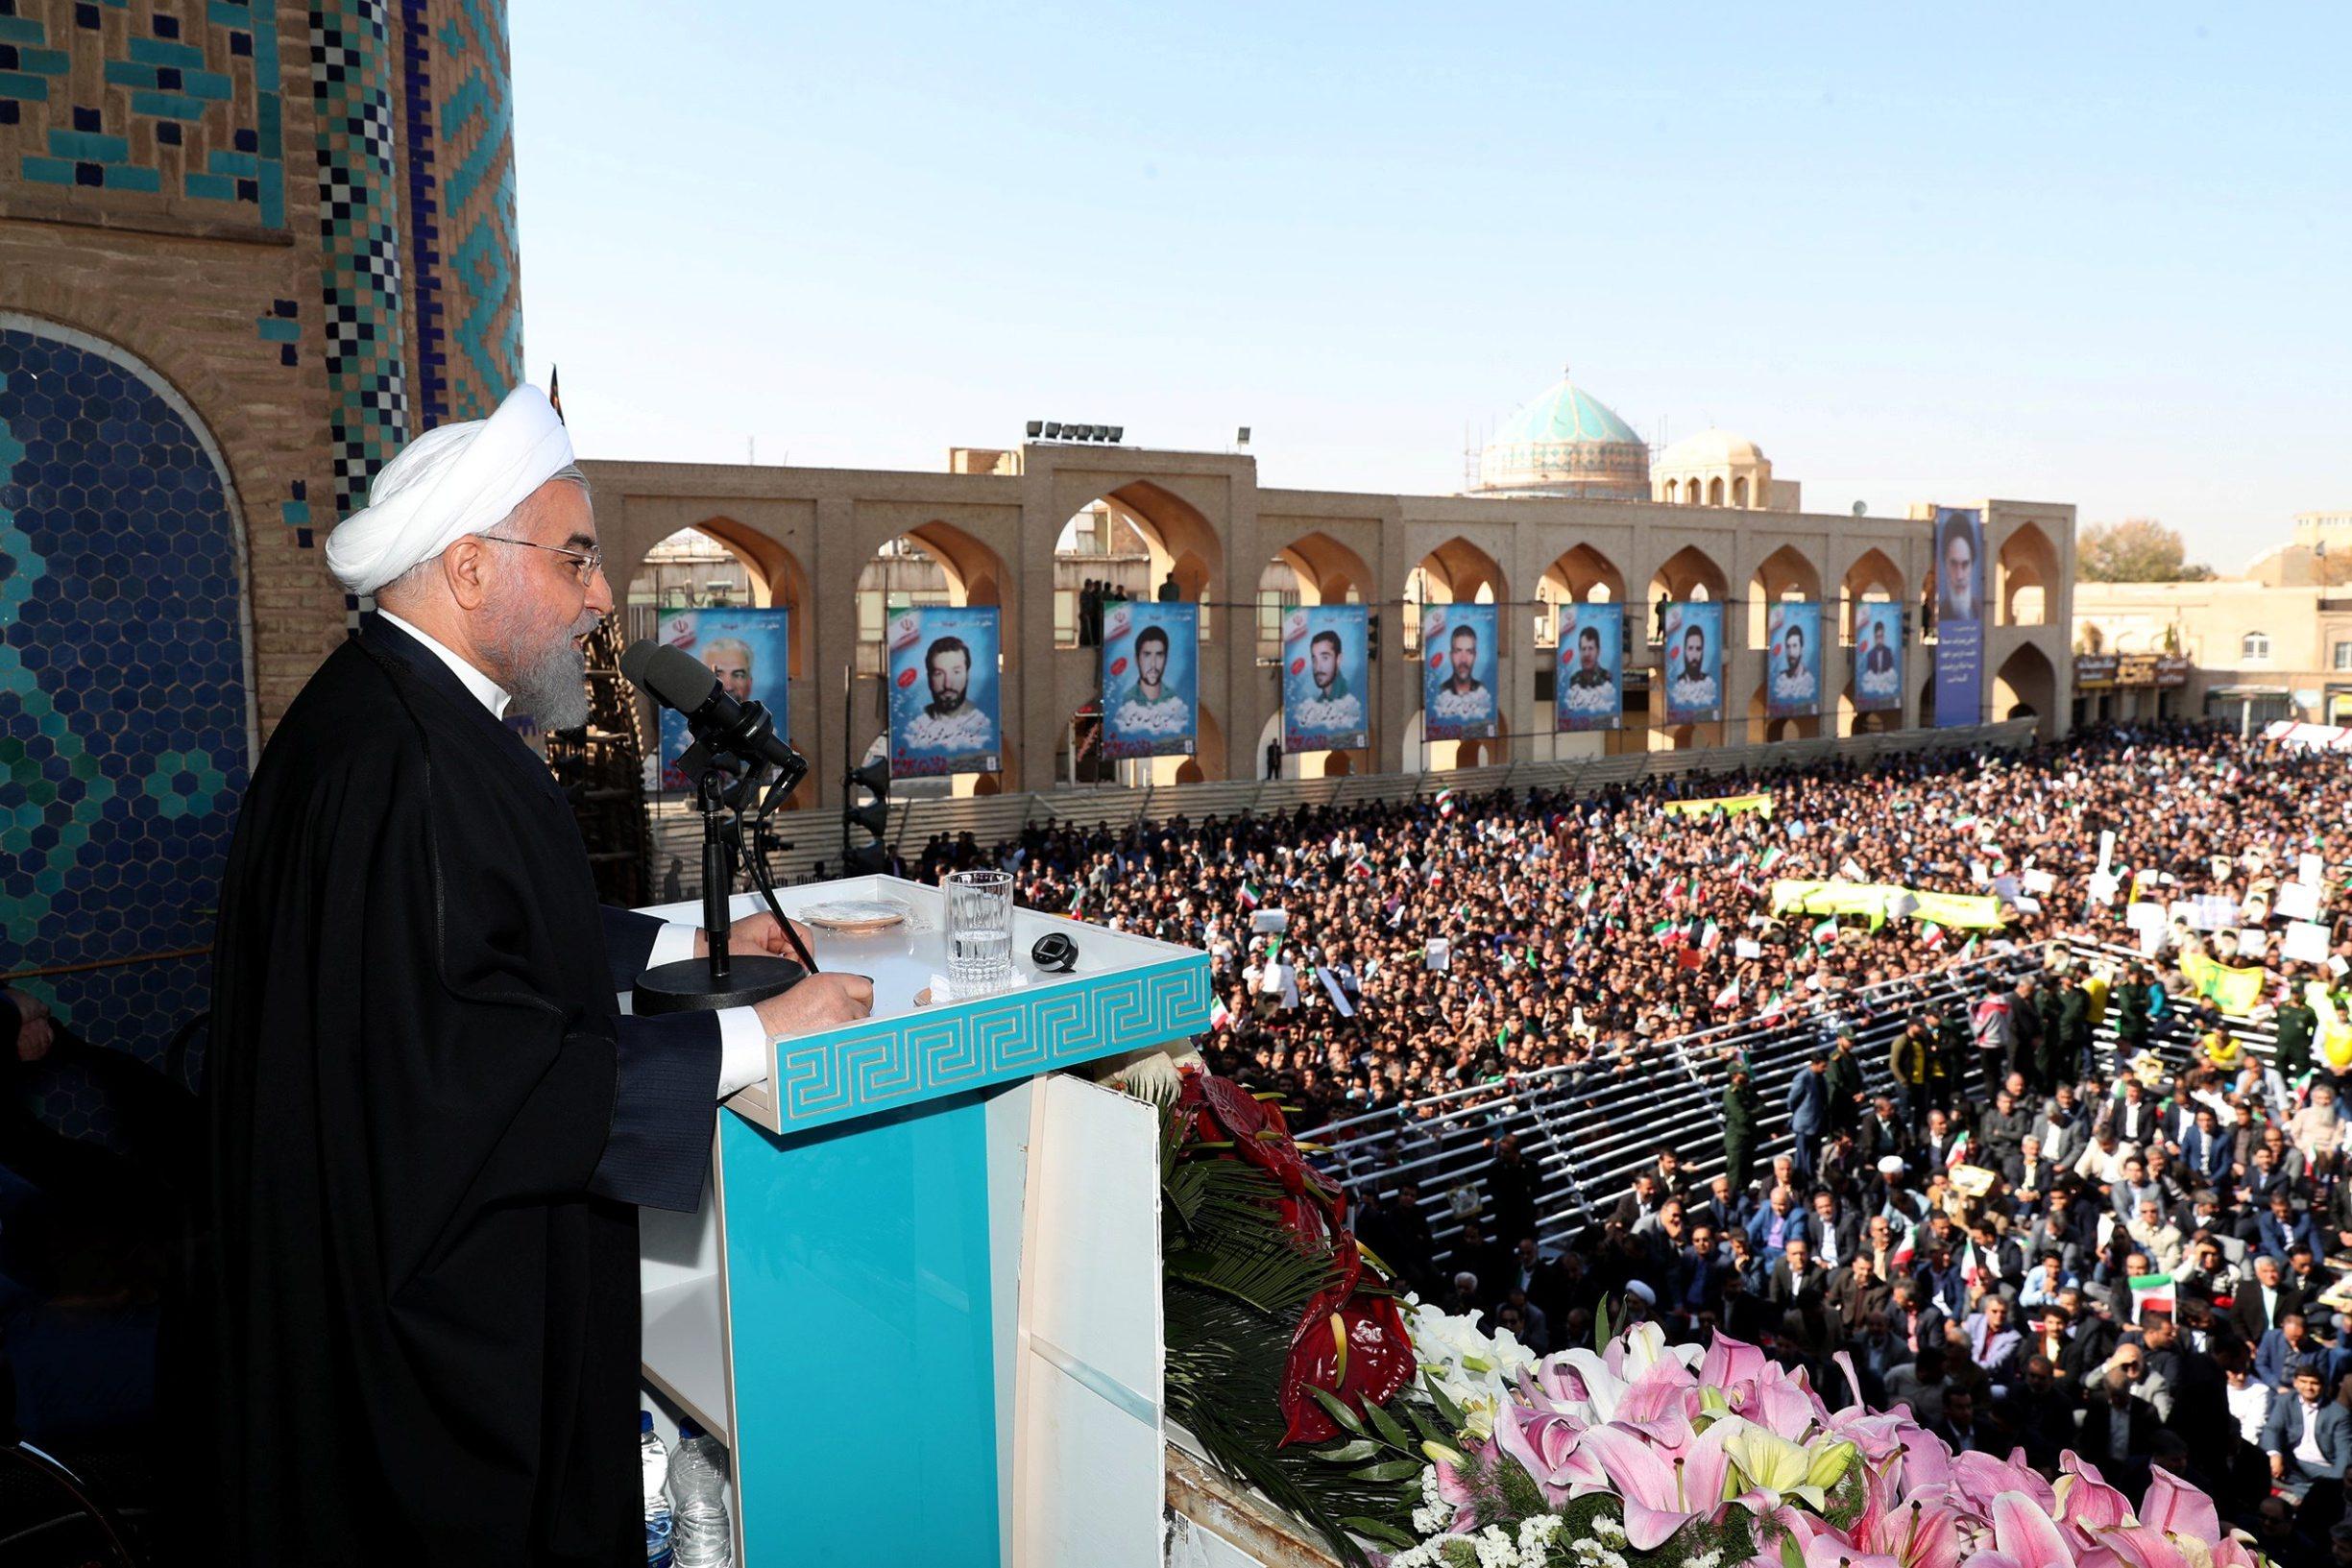 2019-11-10T084712Z_265256087_RC288D9XF04M_RTRMADP_3_IRAN-OIL-ROUHANI